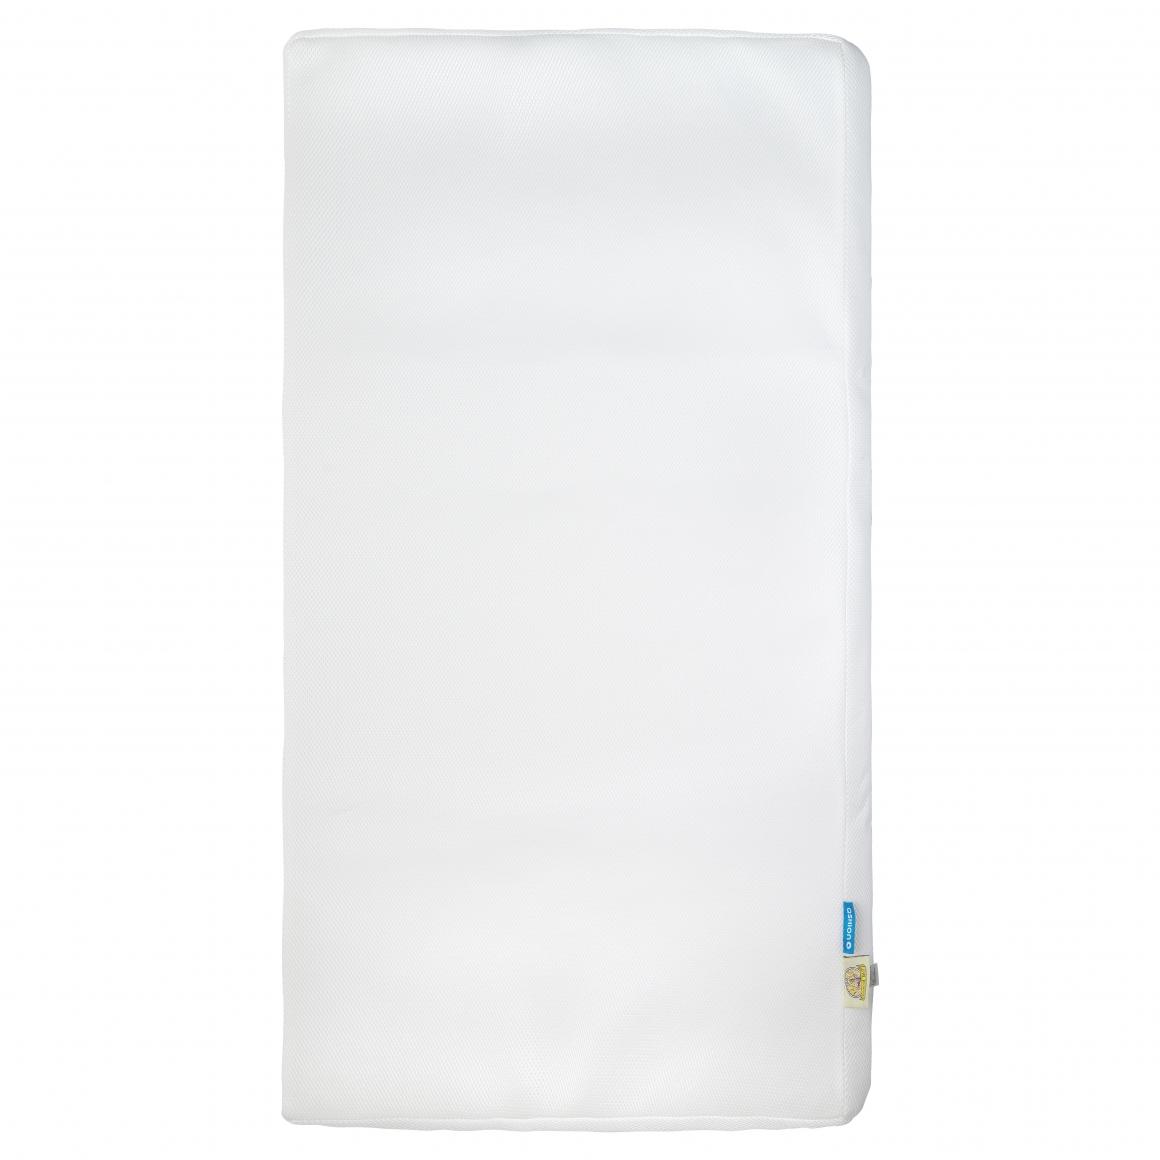 301-4007 Q絲床墊(中層布套)